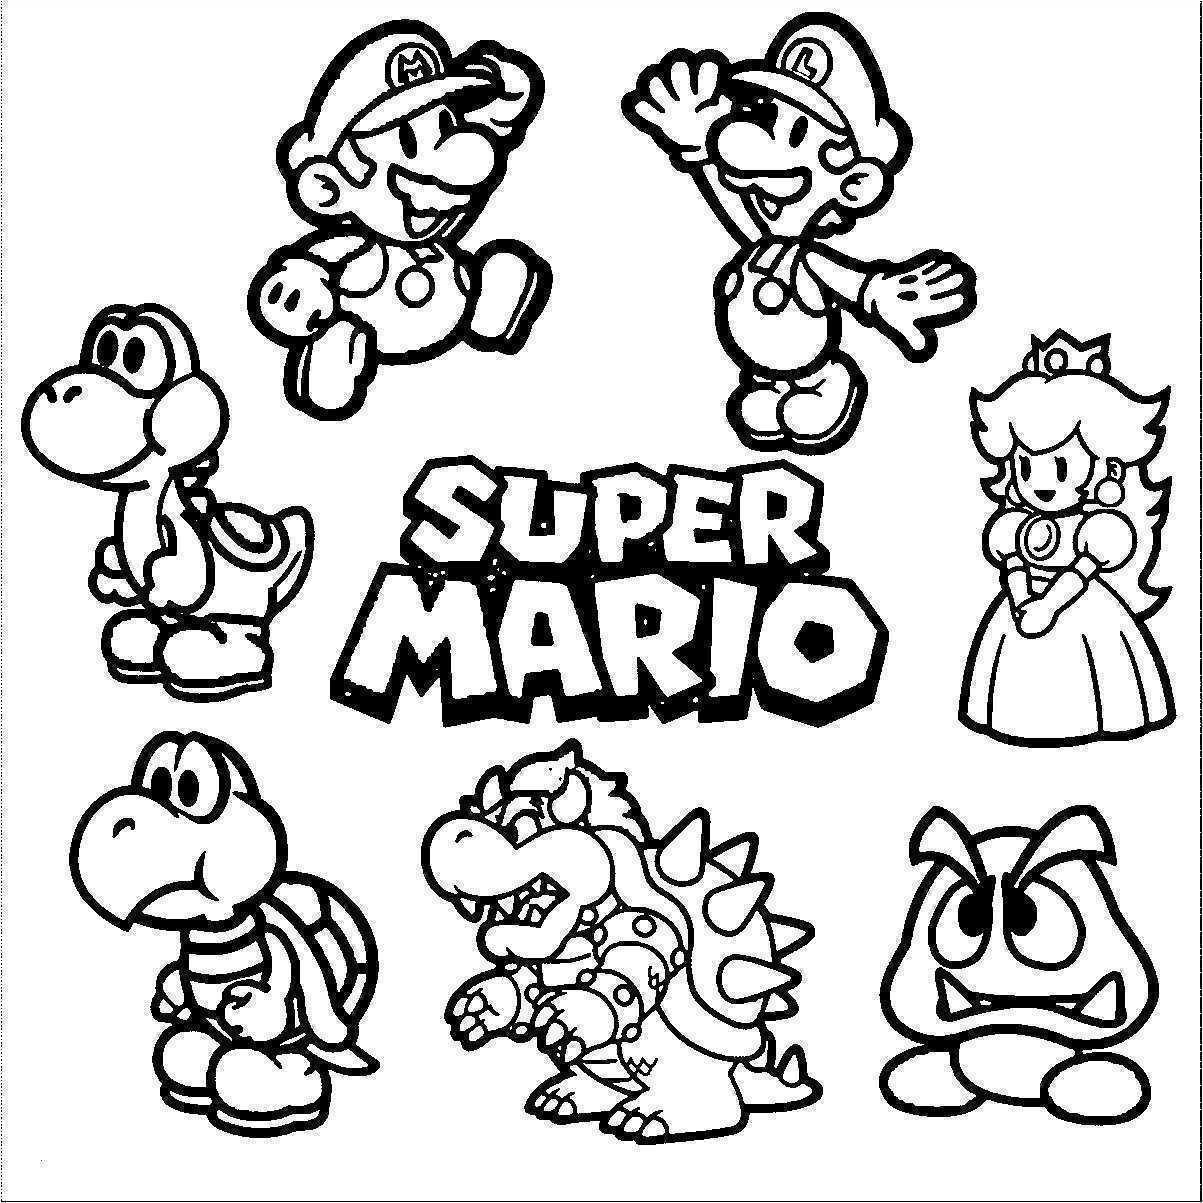 Ausmalbilder Super Mario 3d World Frisch Coloriage Mario Et Luigi Nouveau 35 Ausmalbilder Super Mario 3d Das Bild